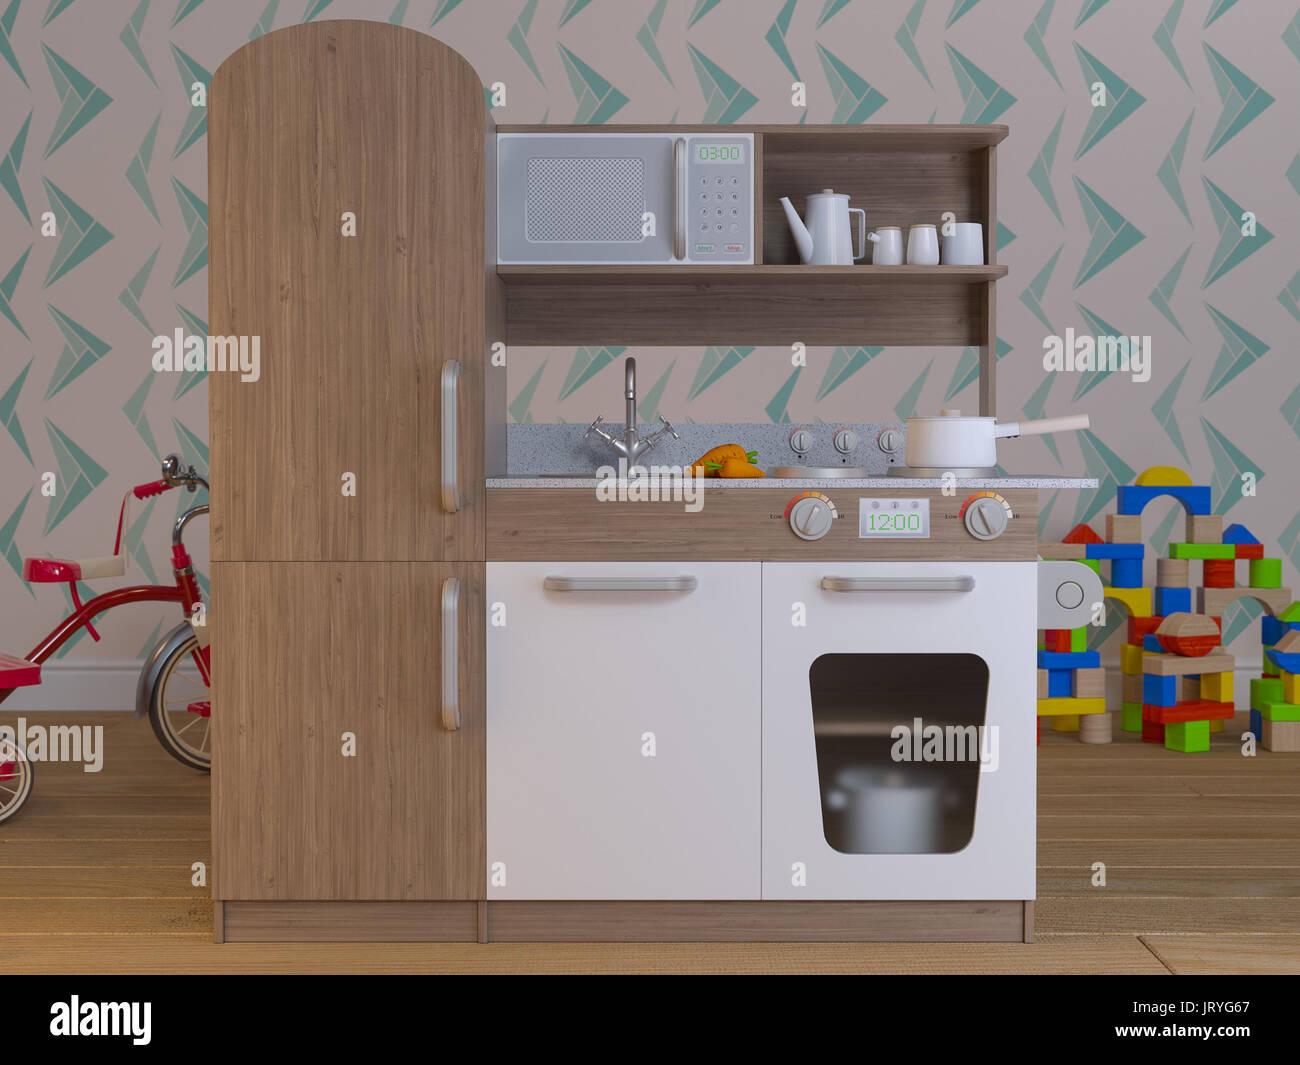 Charmant Küchenschrank Design Spiele Bilder - Ideen Für Die Küche ...